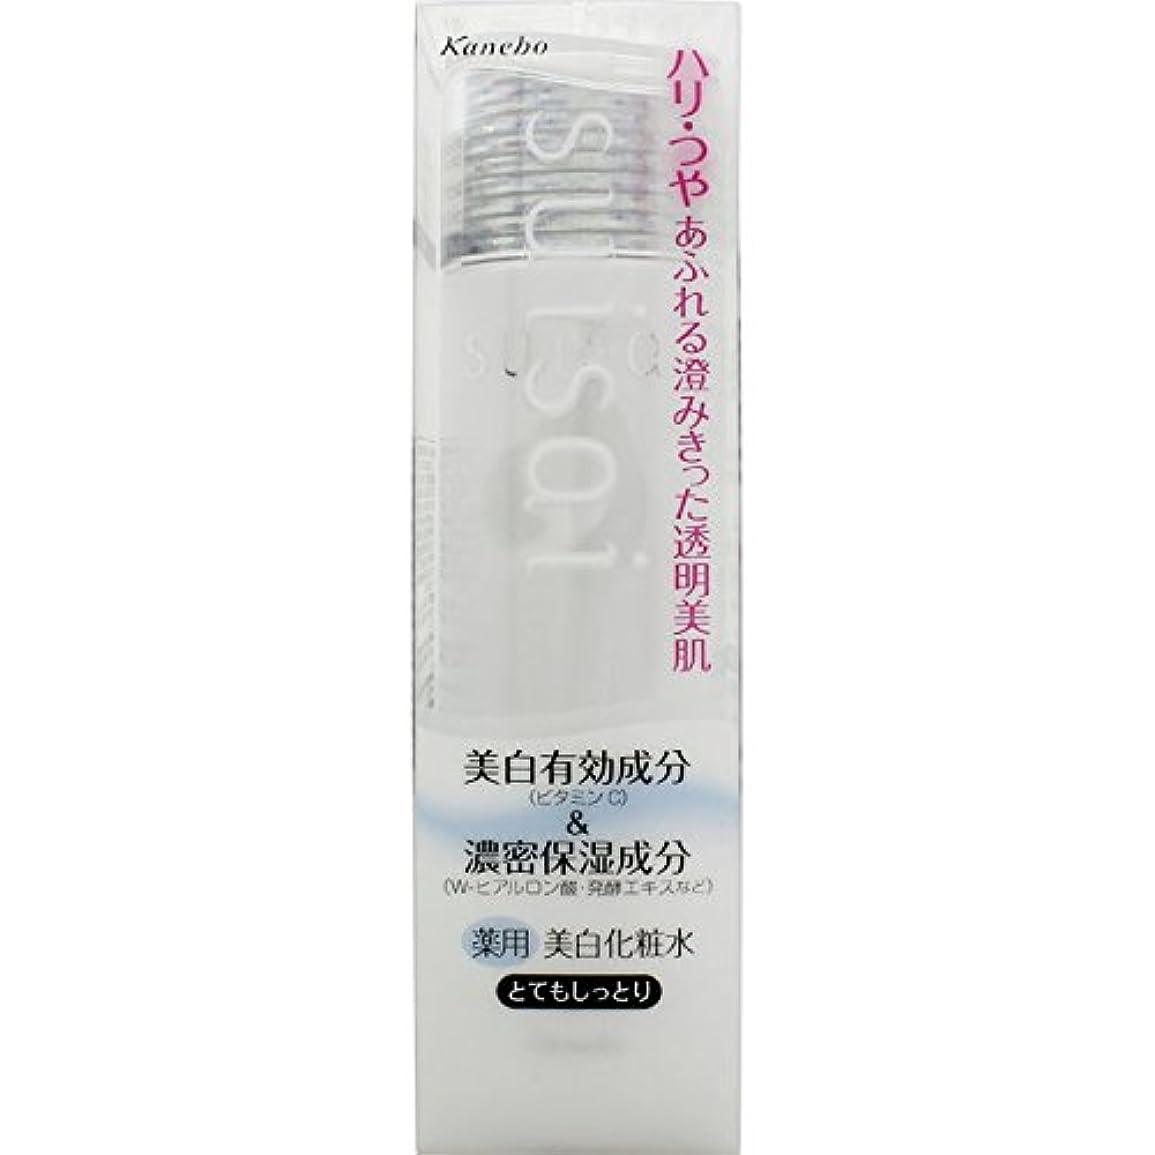 うなずくスプレー賞カネボウ suisai ホワイトニングローションIII 150ml